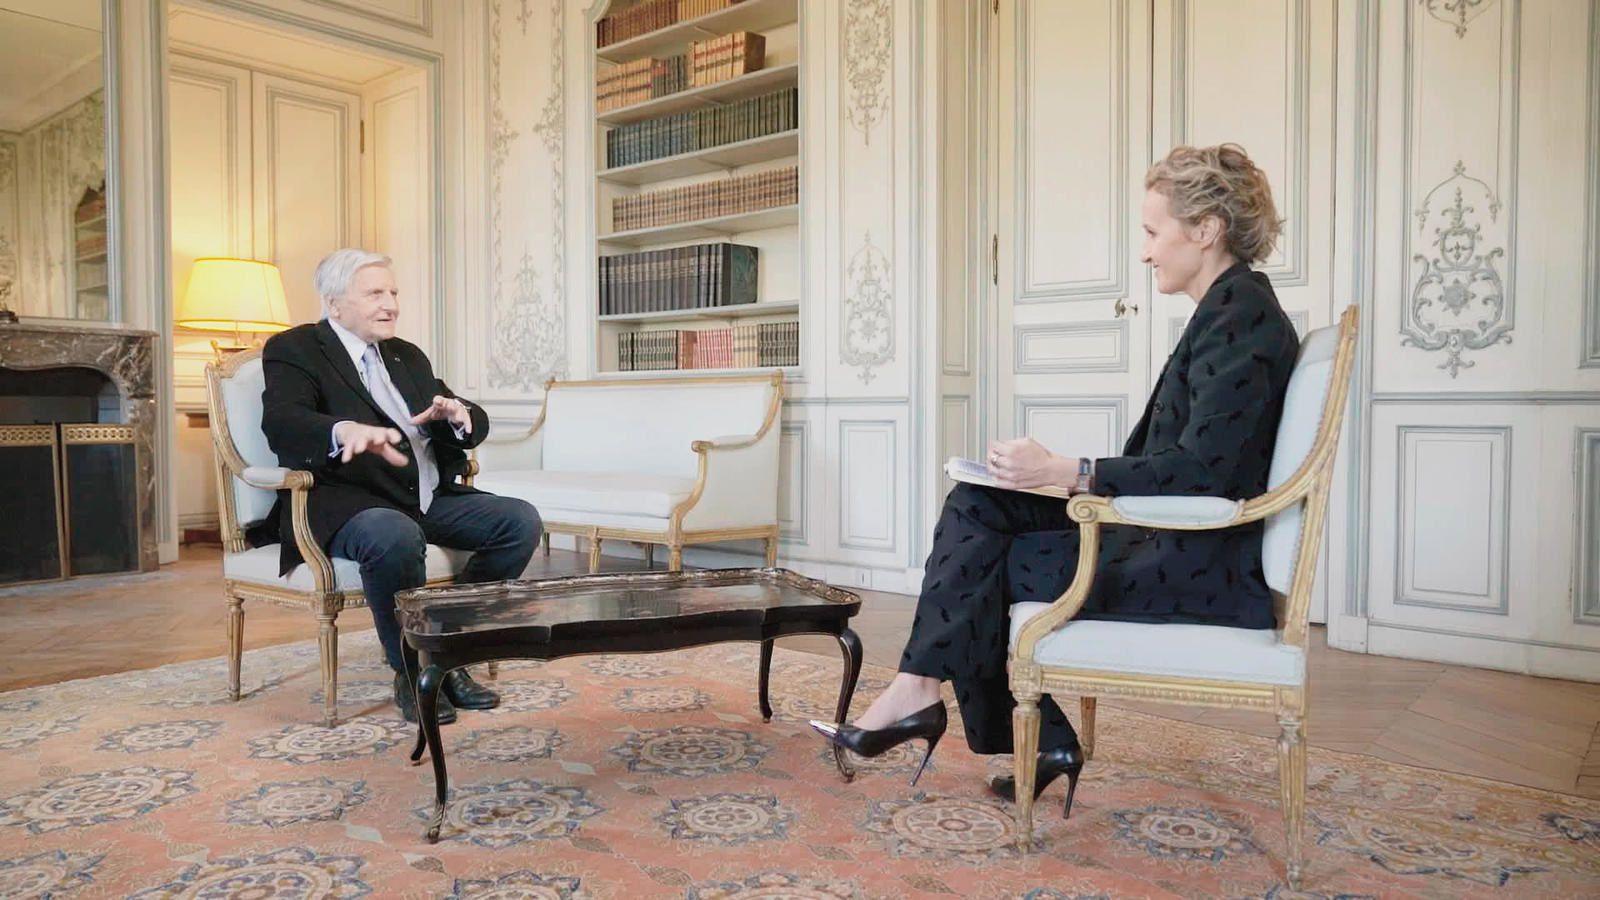 Dans le piège de la dette : document inédit ce mardi soir sur France 5.